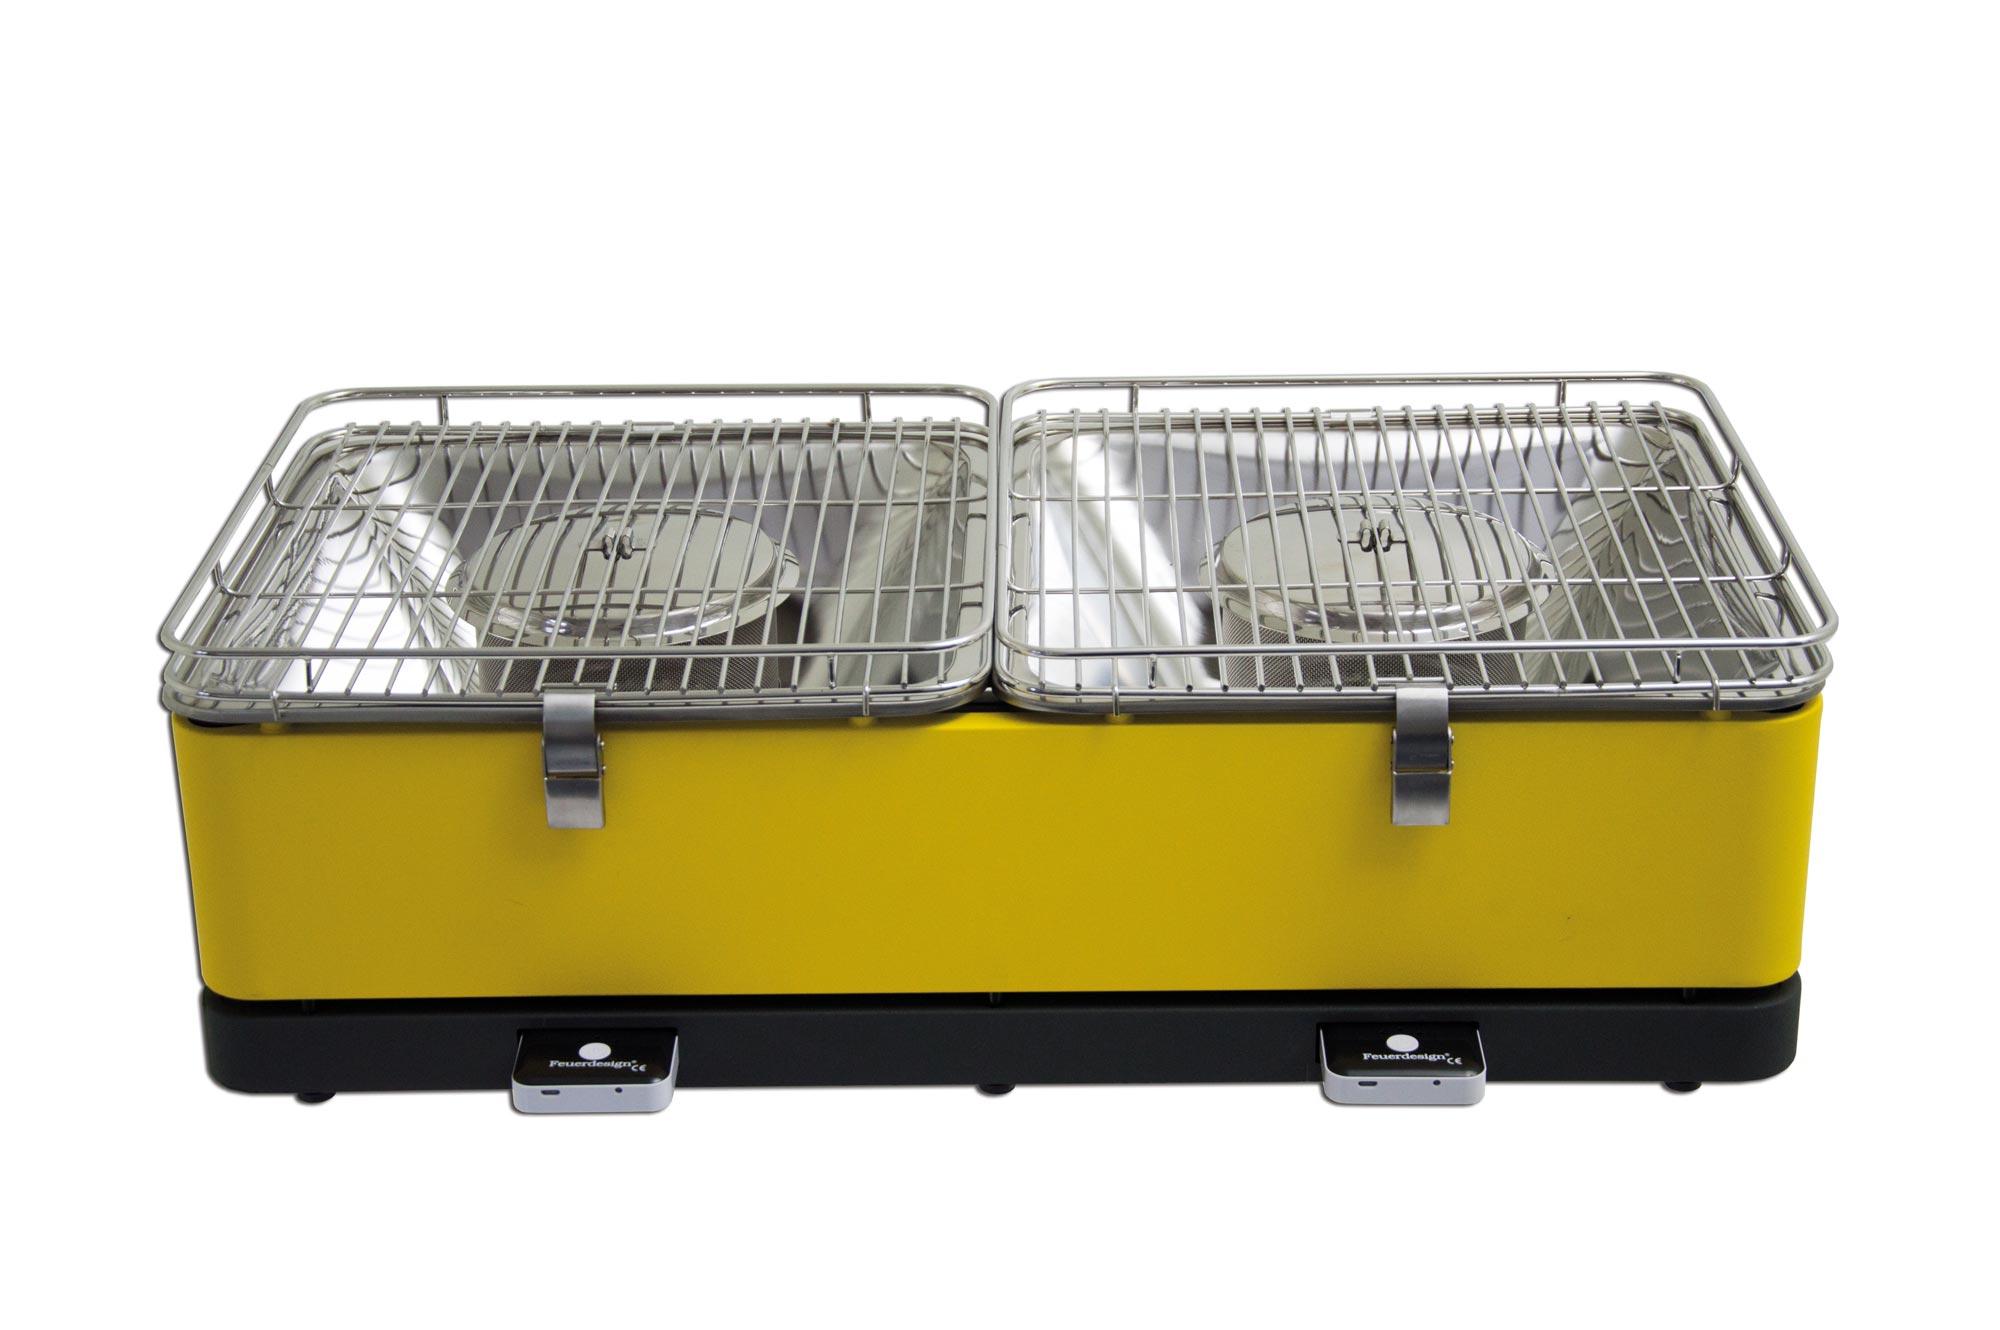 Rauchfreier Holzkohlegrill Erfahrungen : Rauchfreier grill feuerdesign santorin cm gelb bei